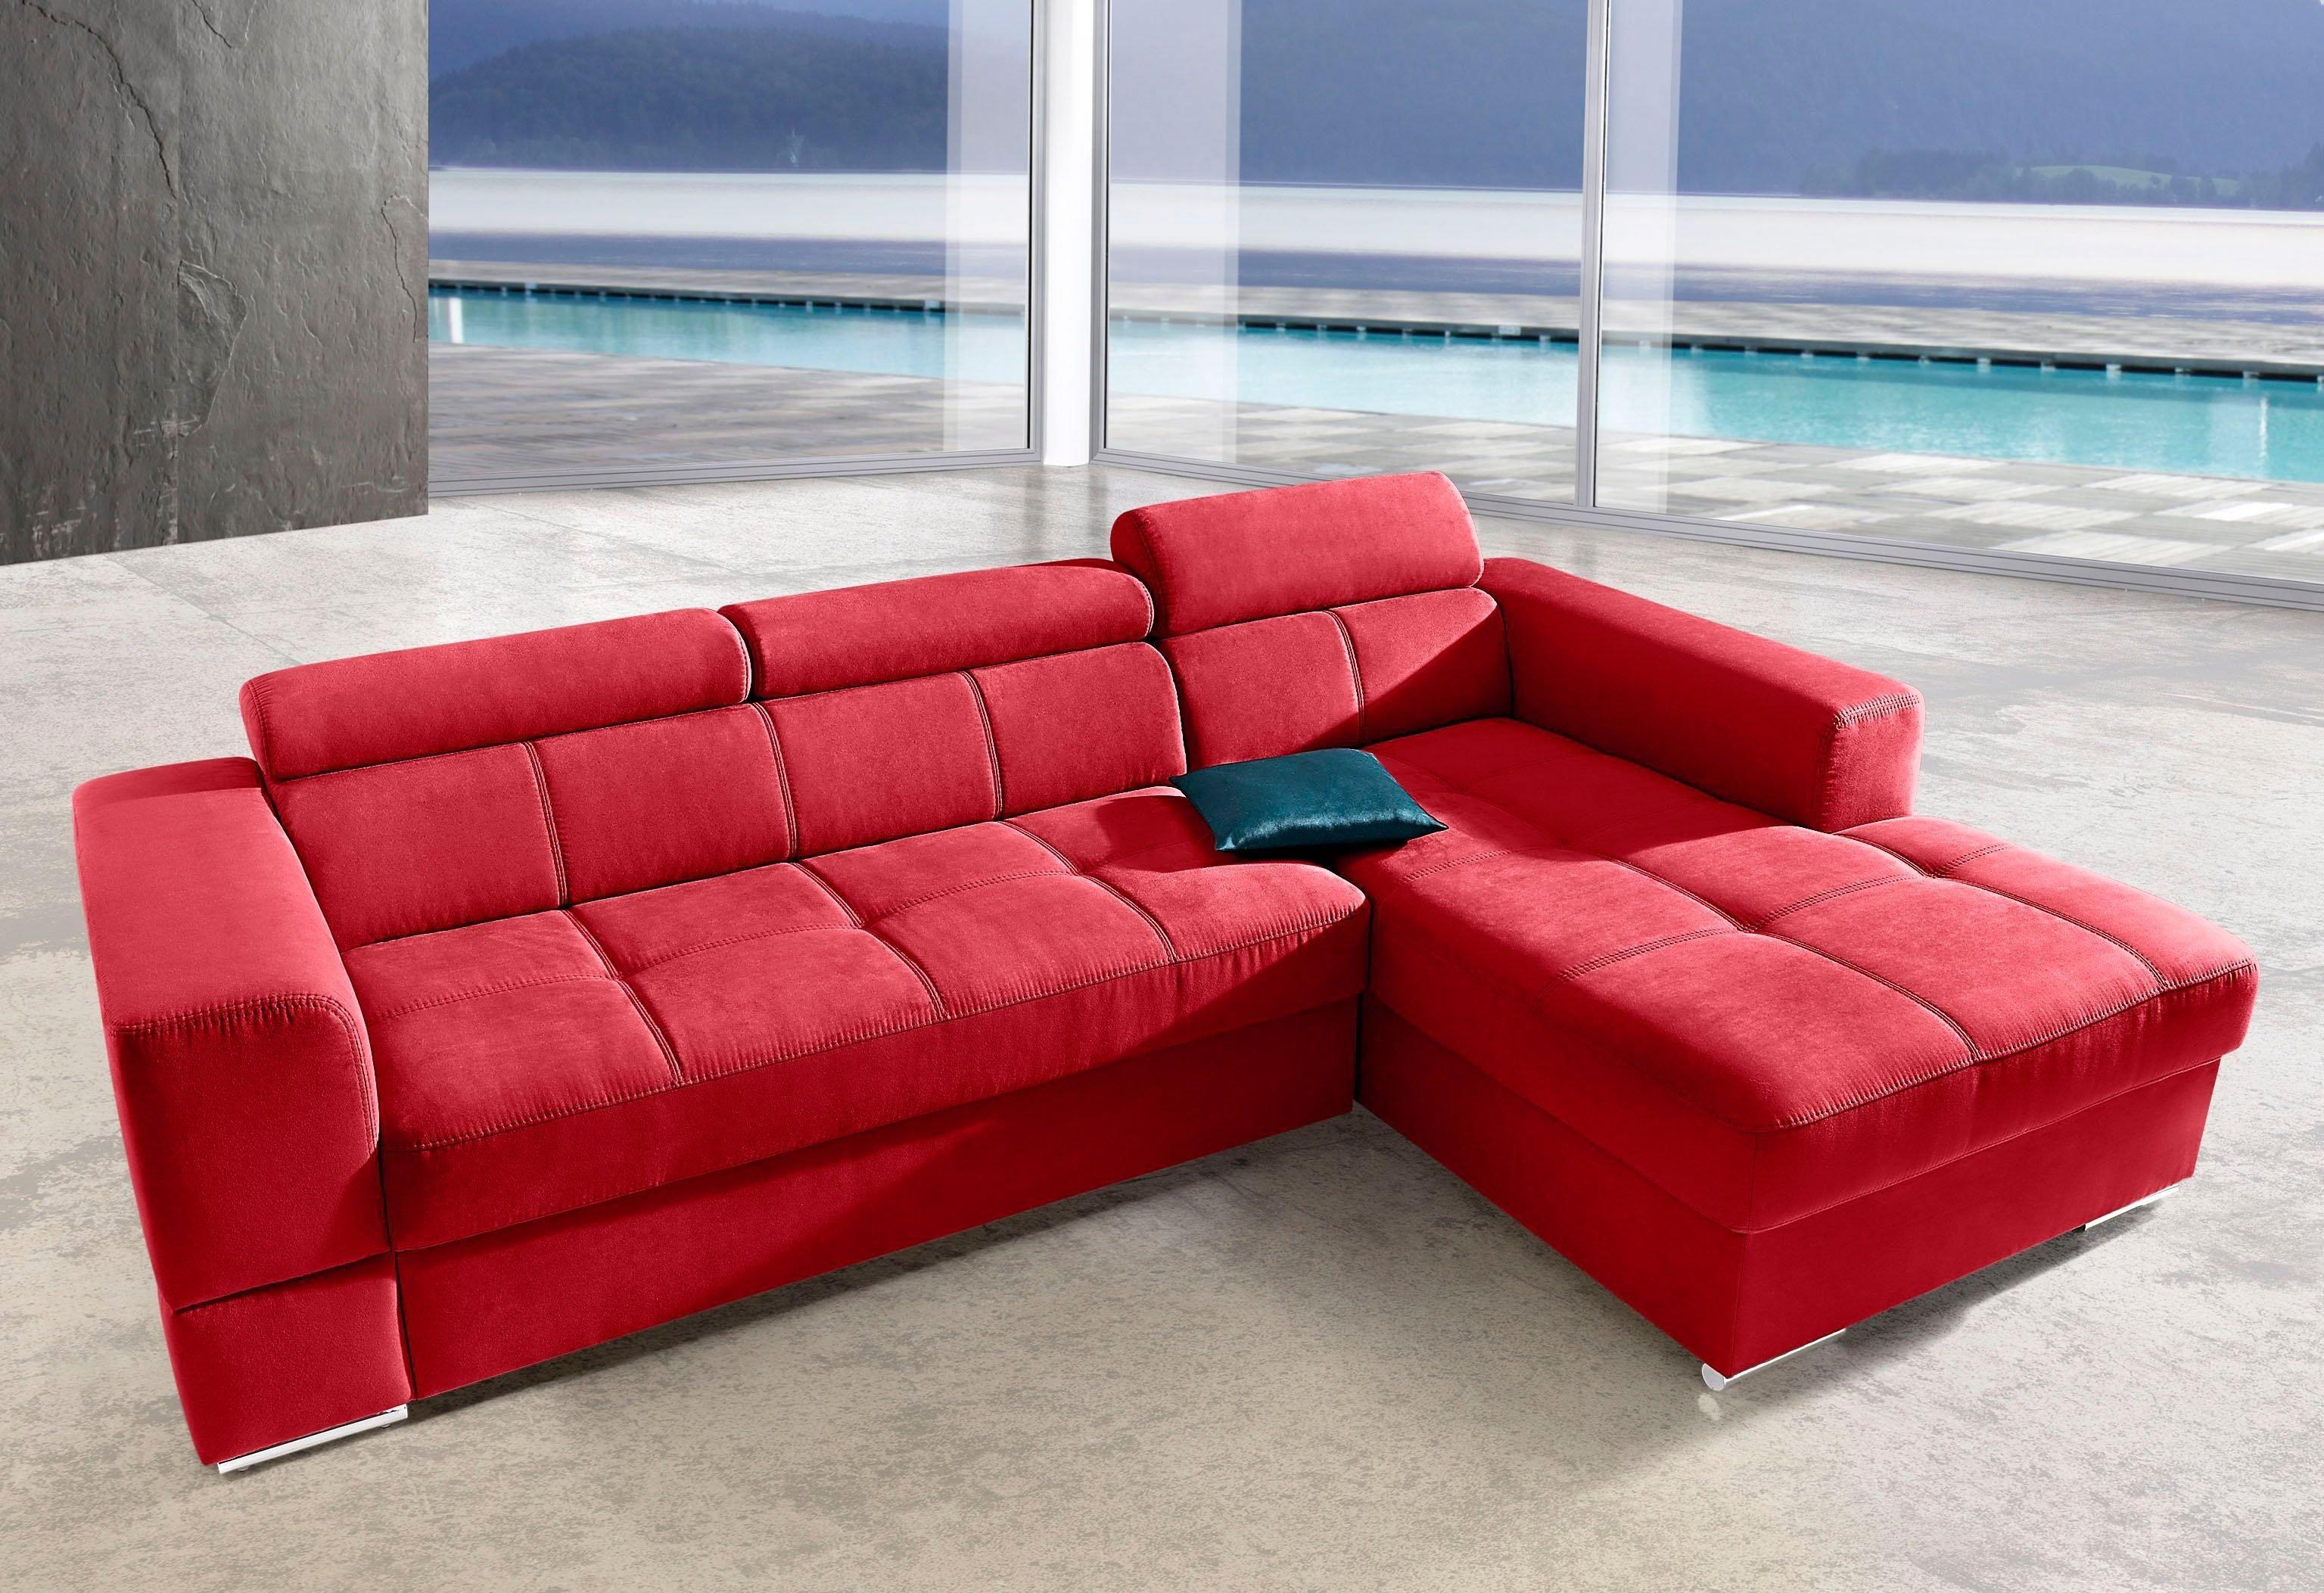 Wohnzimmer Couch Leder Sofa 2 Sitzer Modern Kunstleder Couch Gunstig Kaufen Ledersofa Und Sessel Wohnlandschaft Ecksofa Cou Couch Gunstig Sofa Ecksofas